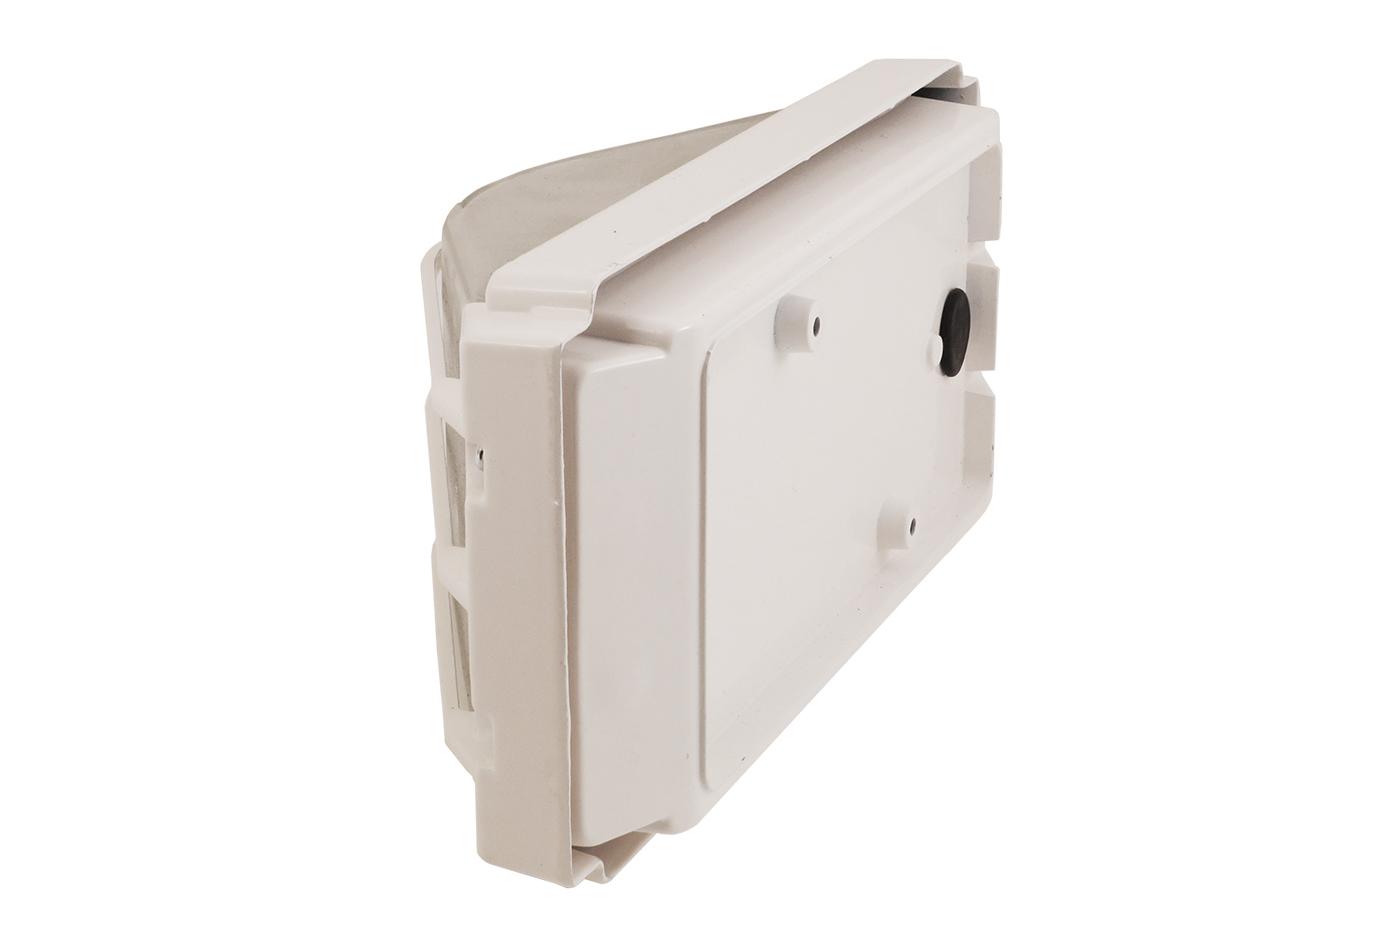 Plafoniere Rettangolari Per Esterno : Bes 18508 applique beselettronica lampada plafoniera esterna a